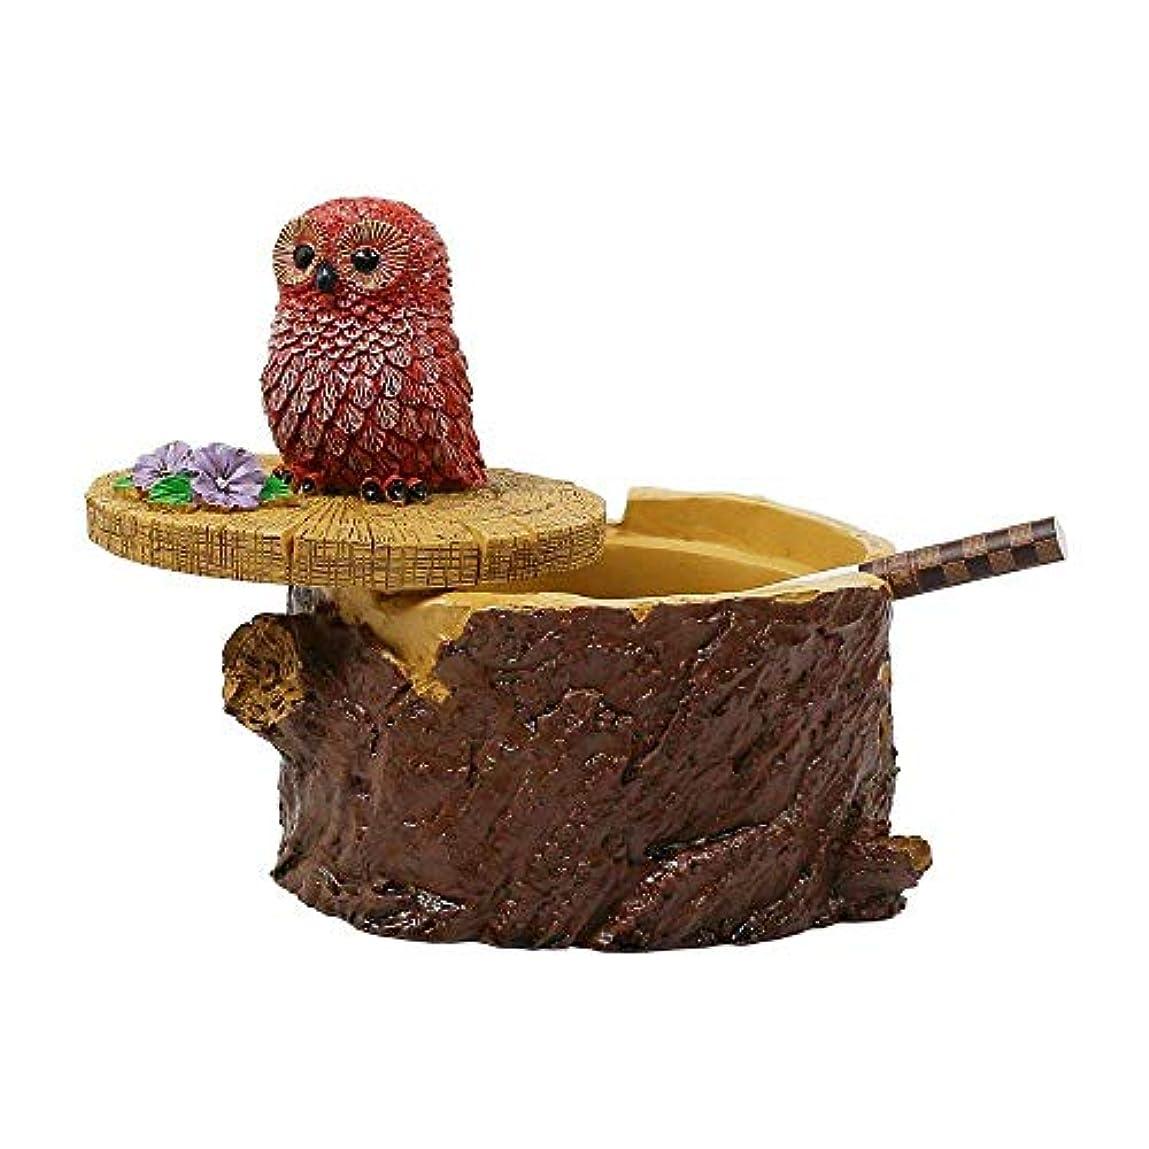 ジェームズダイソンヤギレルムタバコのための屋外灰皿家庭と庭のための蓋のかわいい樹脂フクロウの灰皿